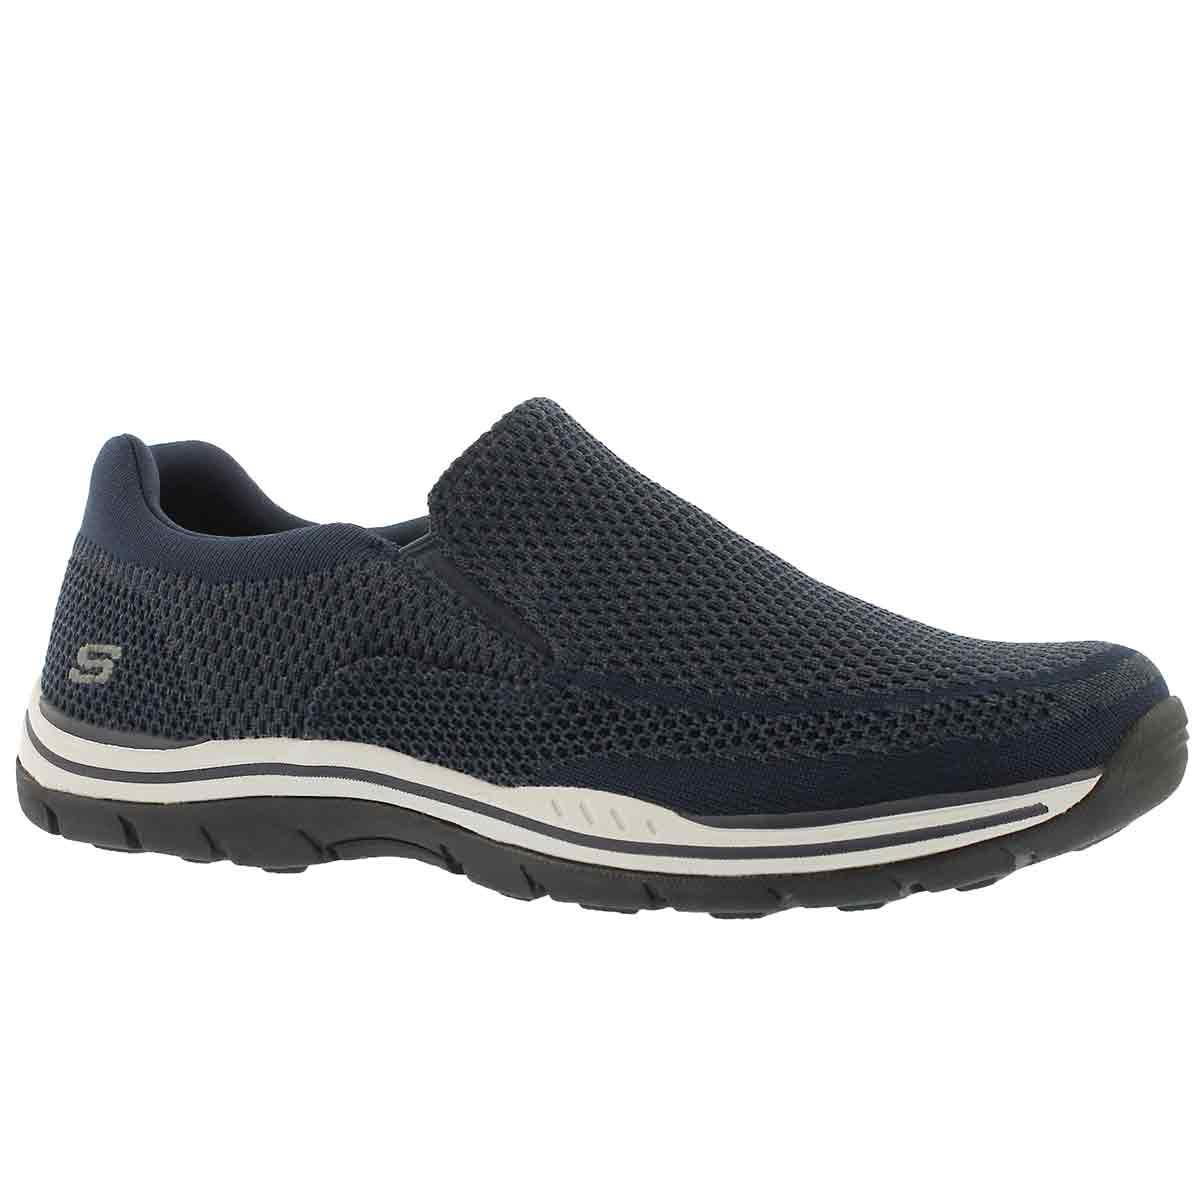 Skechers USA Men's Expected Gomel Slip-On Loafer, Navy, 7 M US